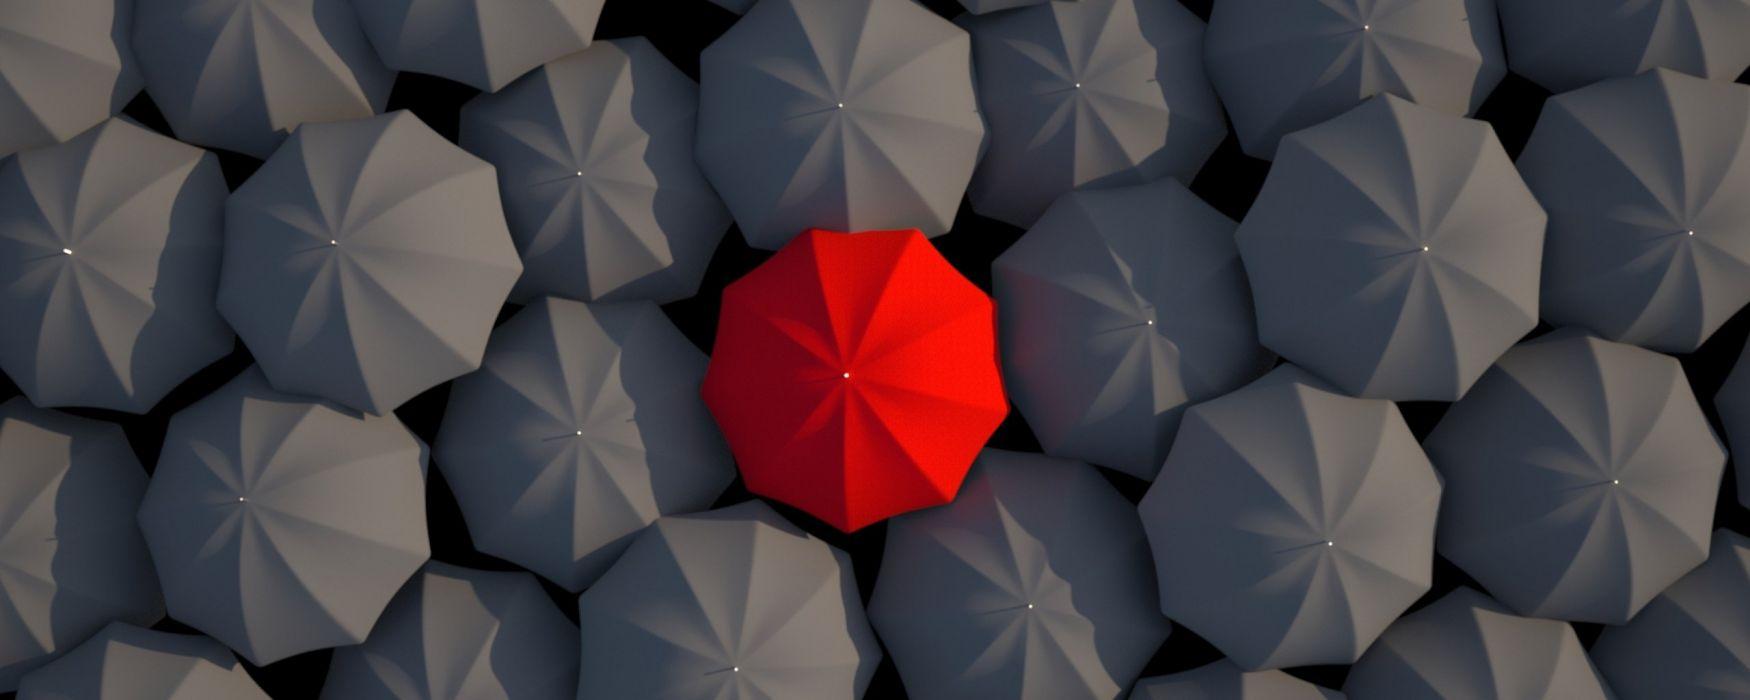 umbrella wallpaper